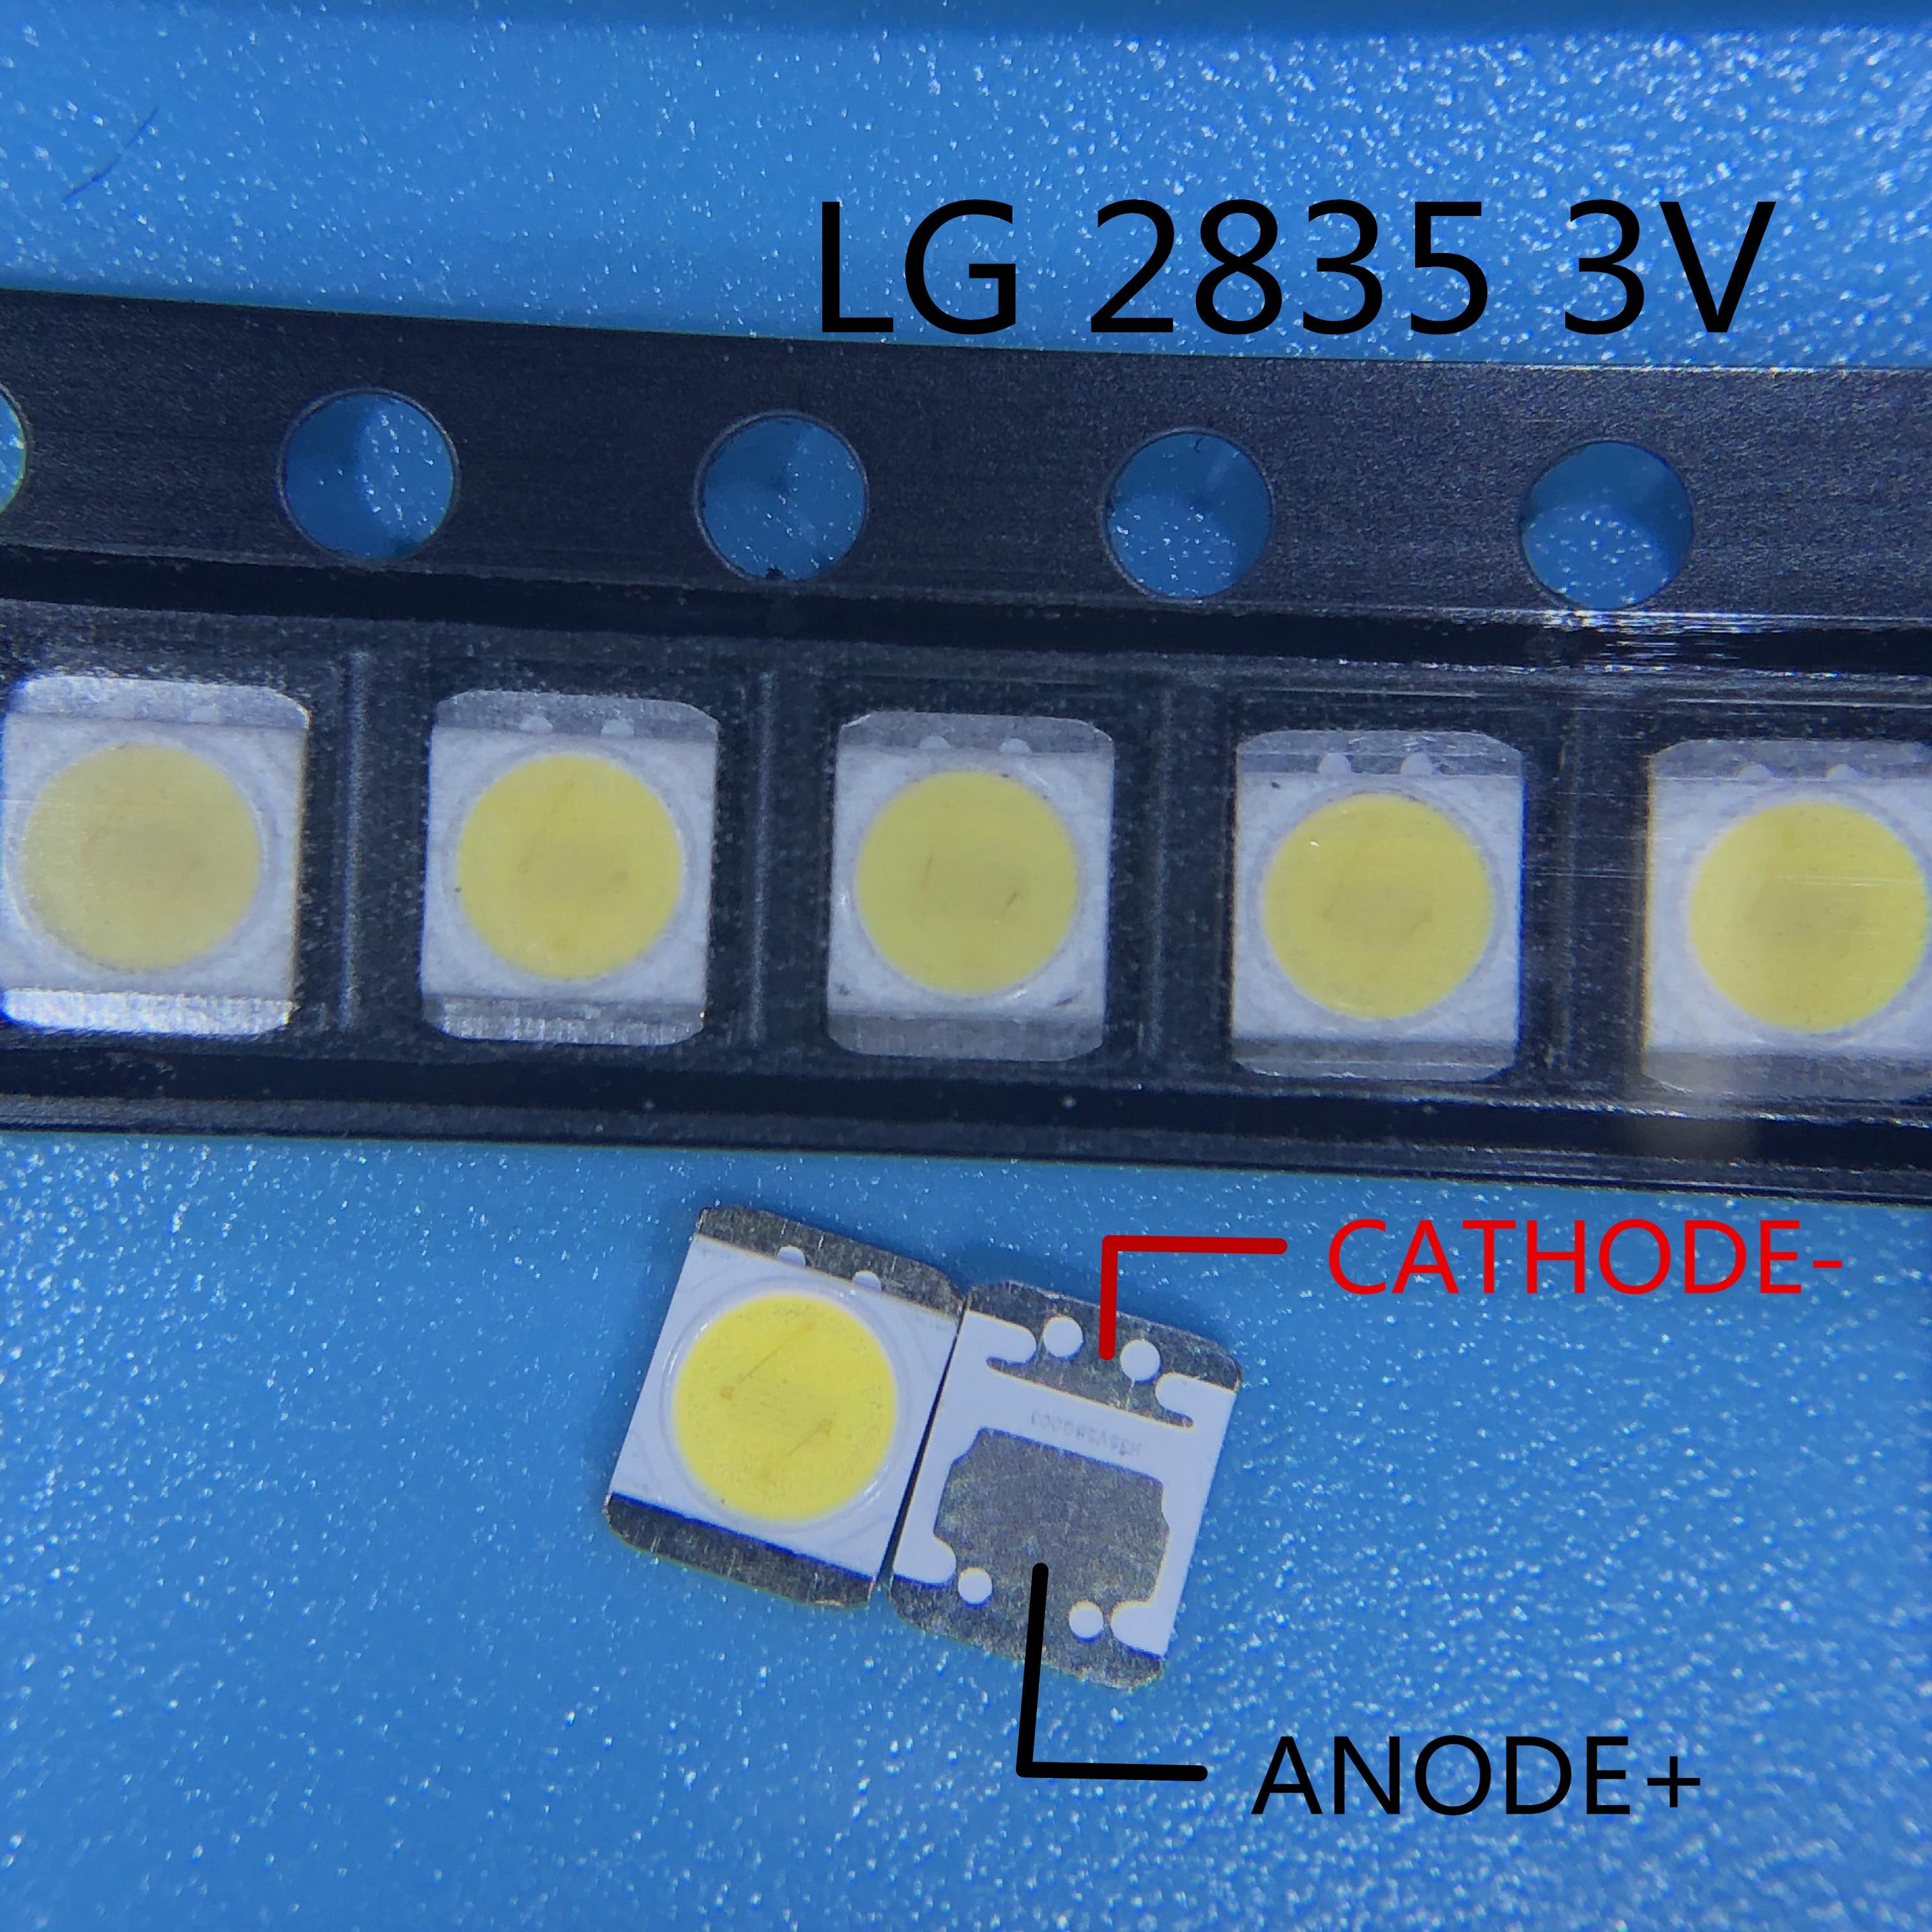 500 Uds para LG retroiluminación LED 1210, 3528, 2835, 1W 100LM blanco iluminación LCD trasera para TV aplicación de TV